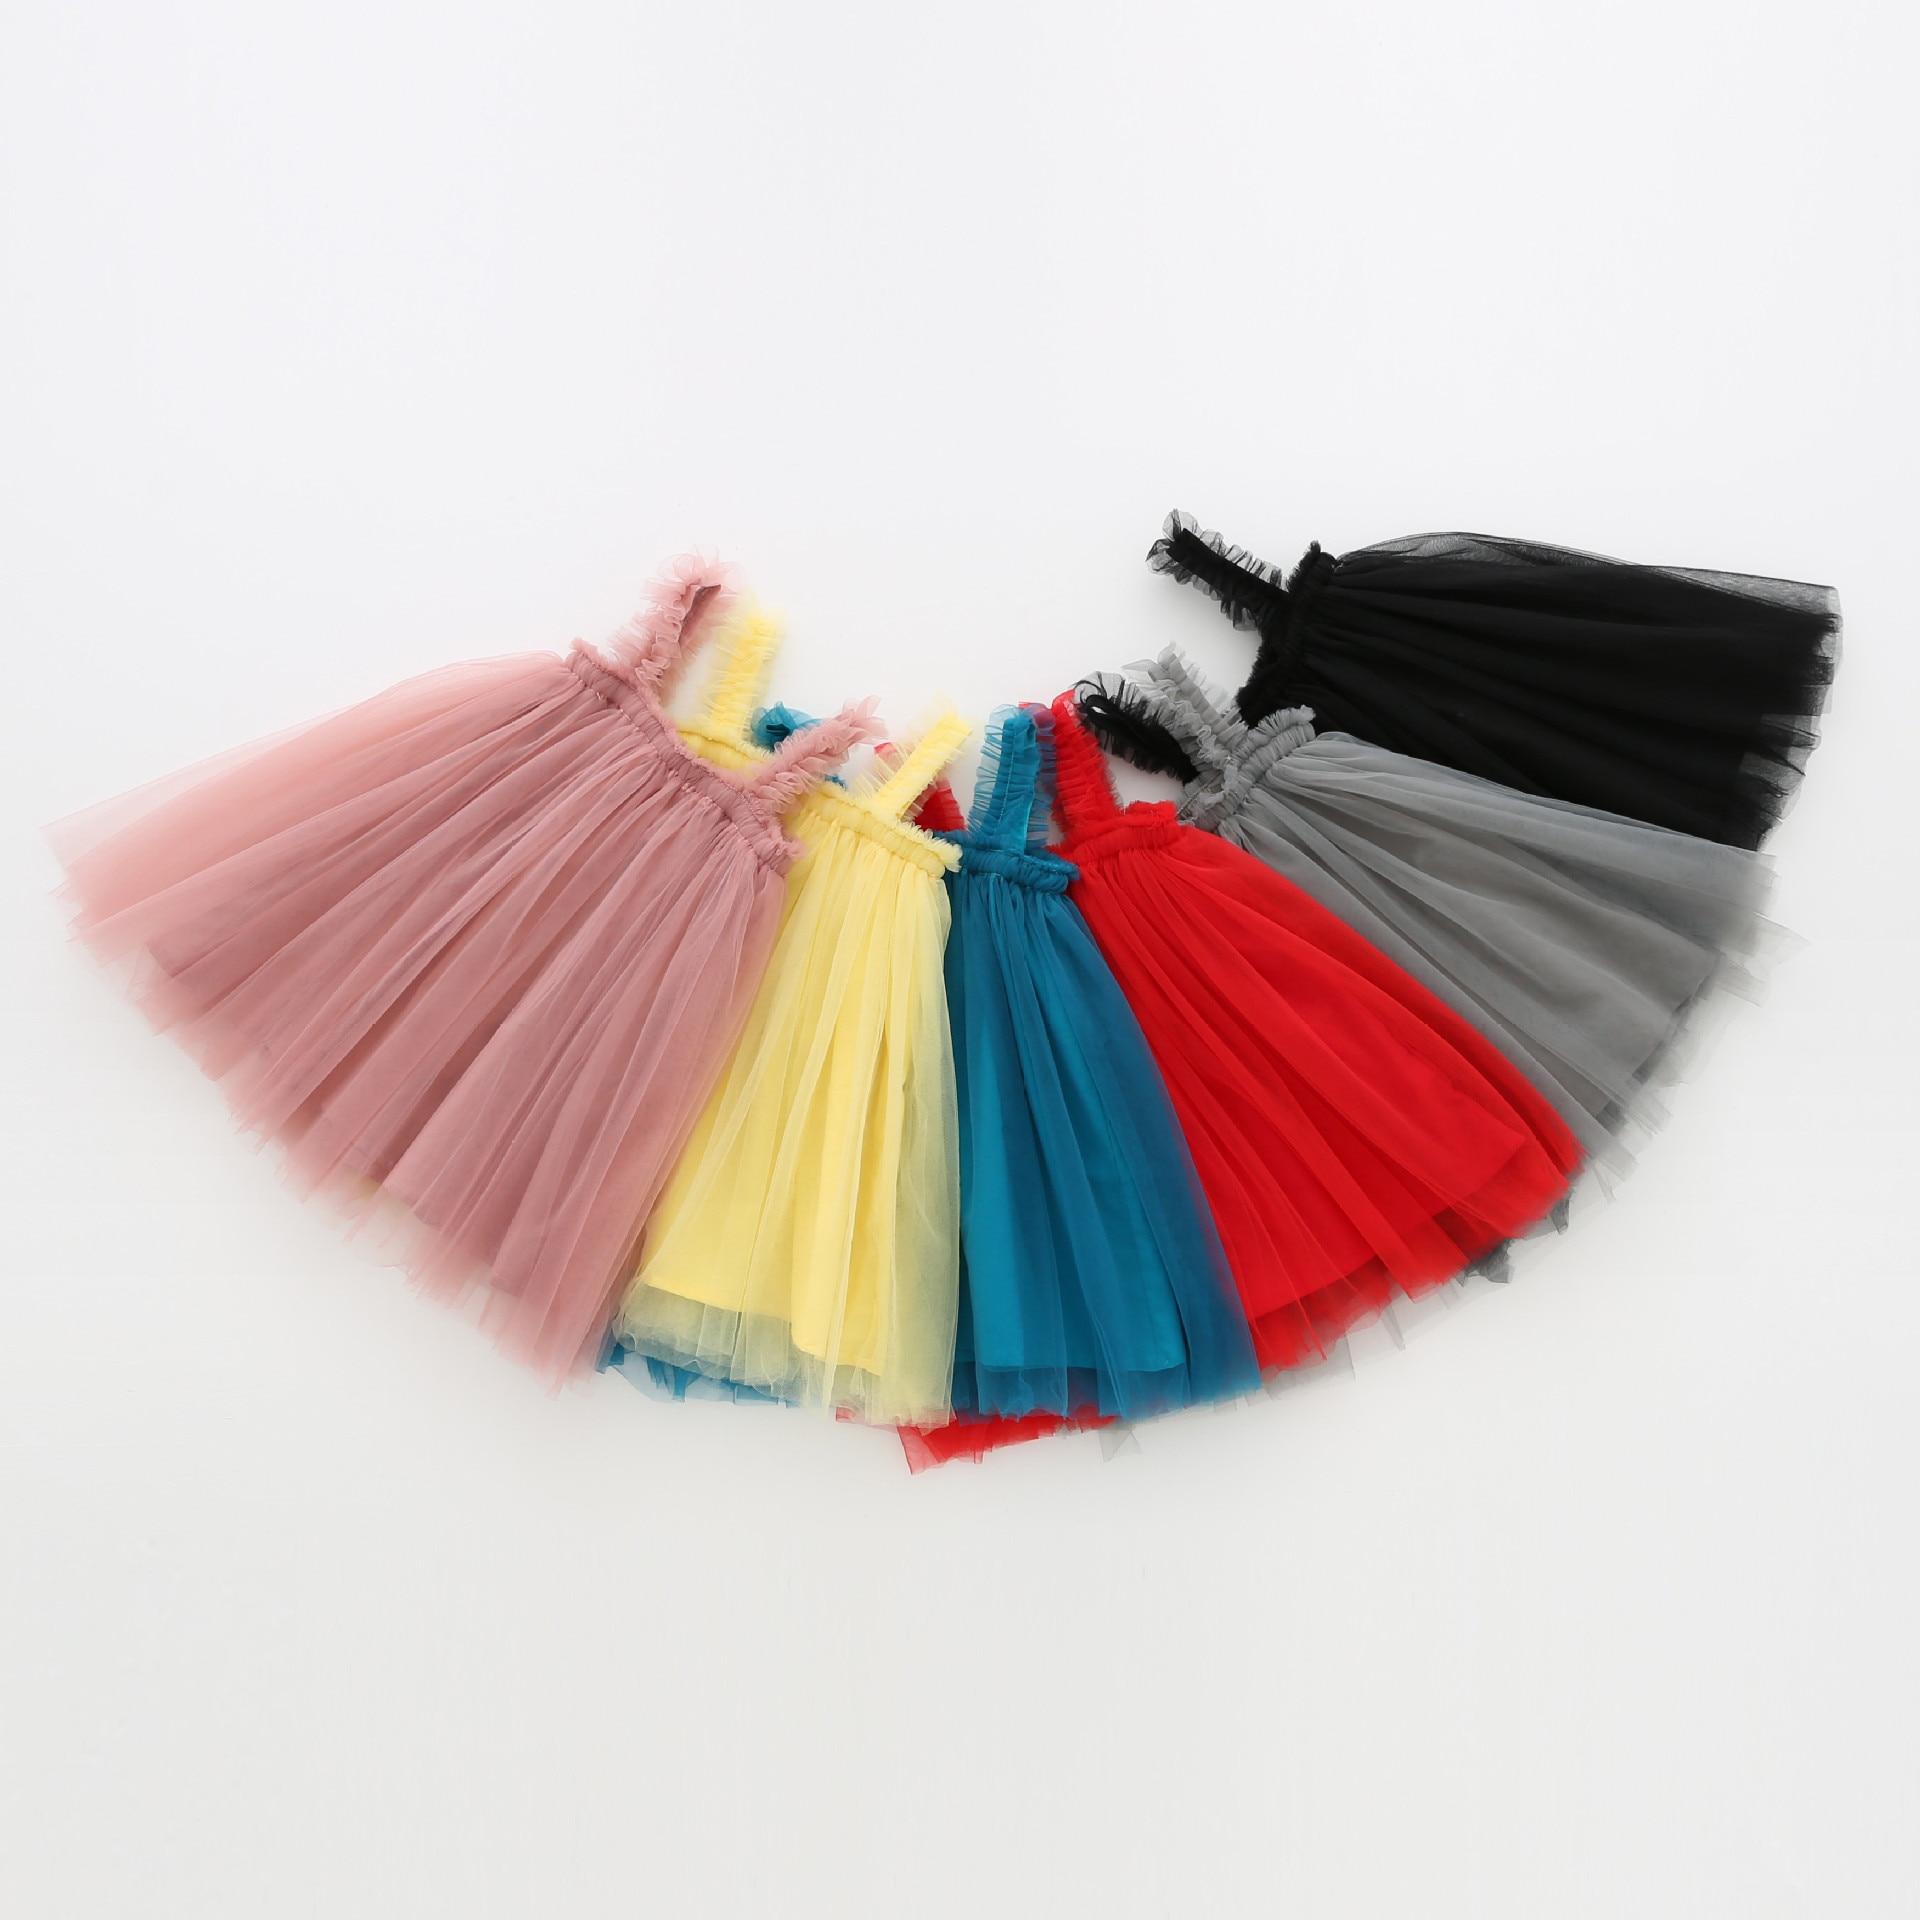 Тюлевое платье-пачка для девочек, детское летнее Сетчатое платье принцессы для младенцев, кружевной сарафан, Vestido одежда для слинга сарафан для девочек